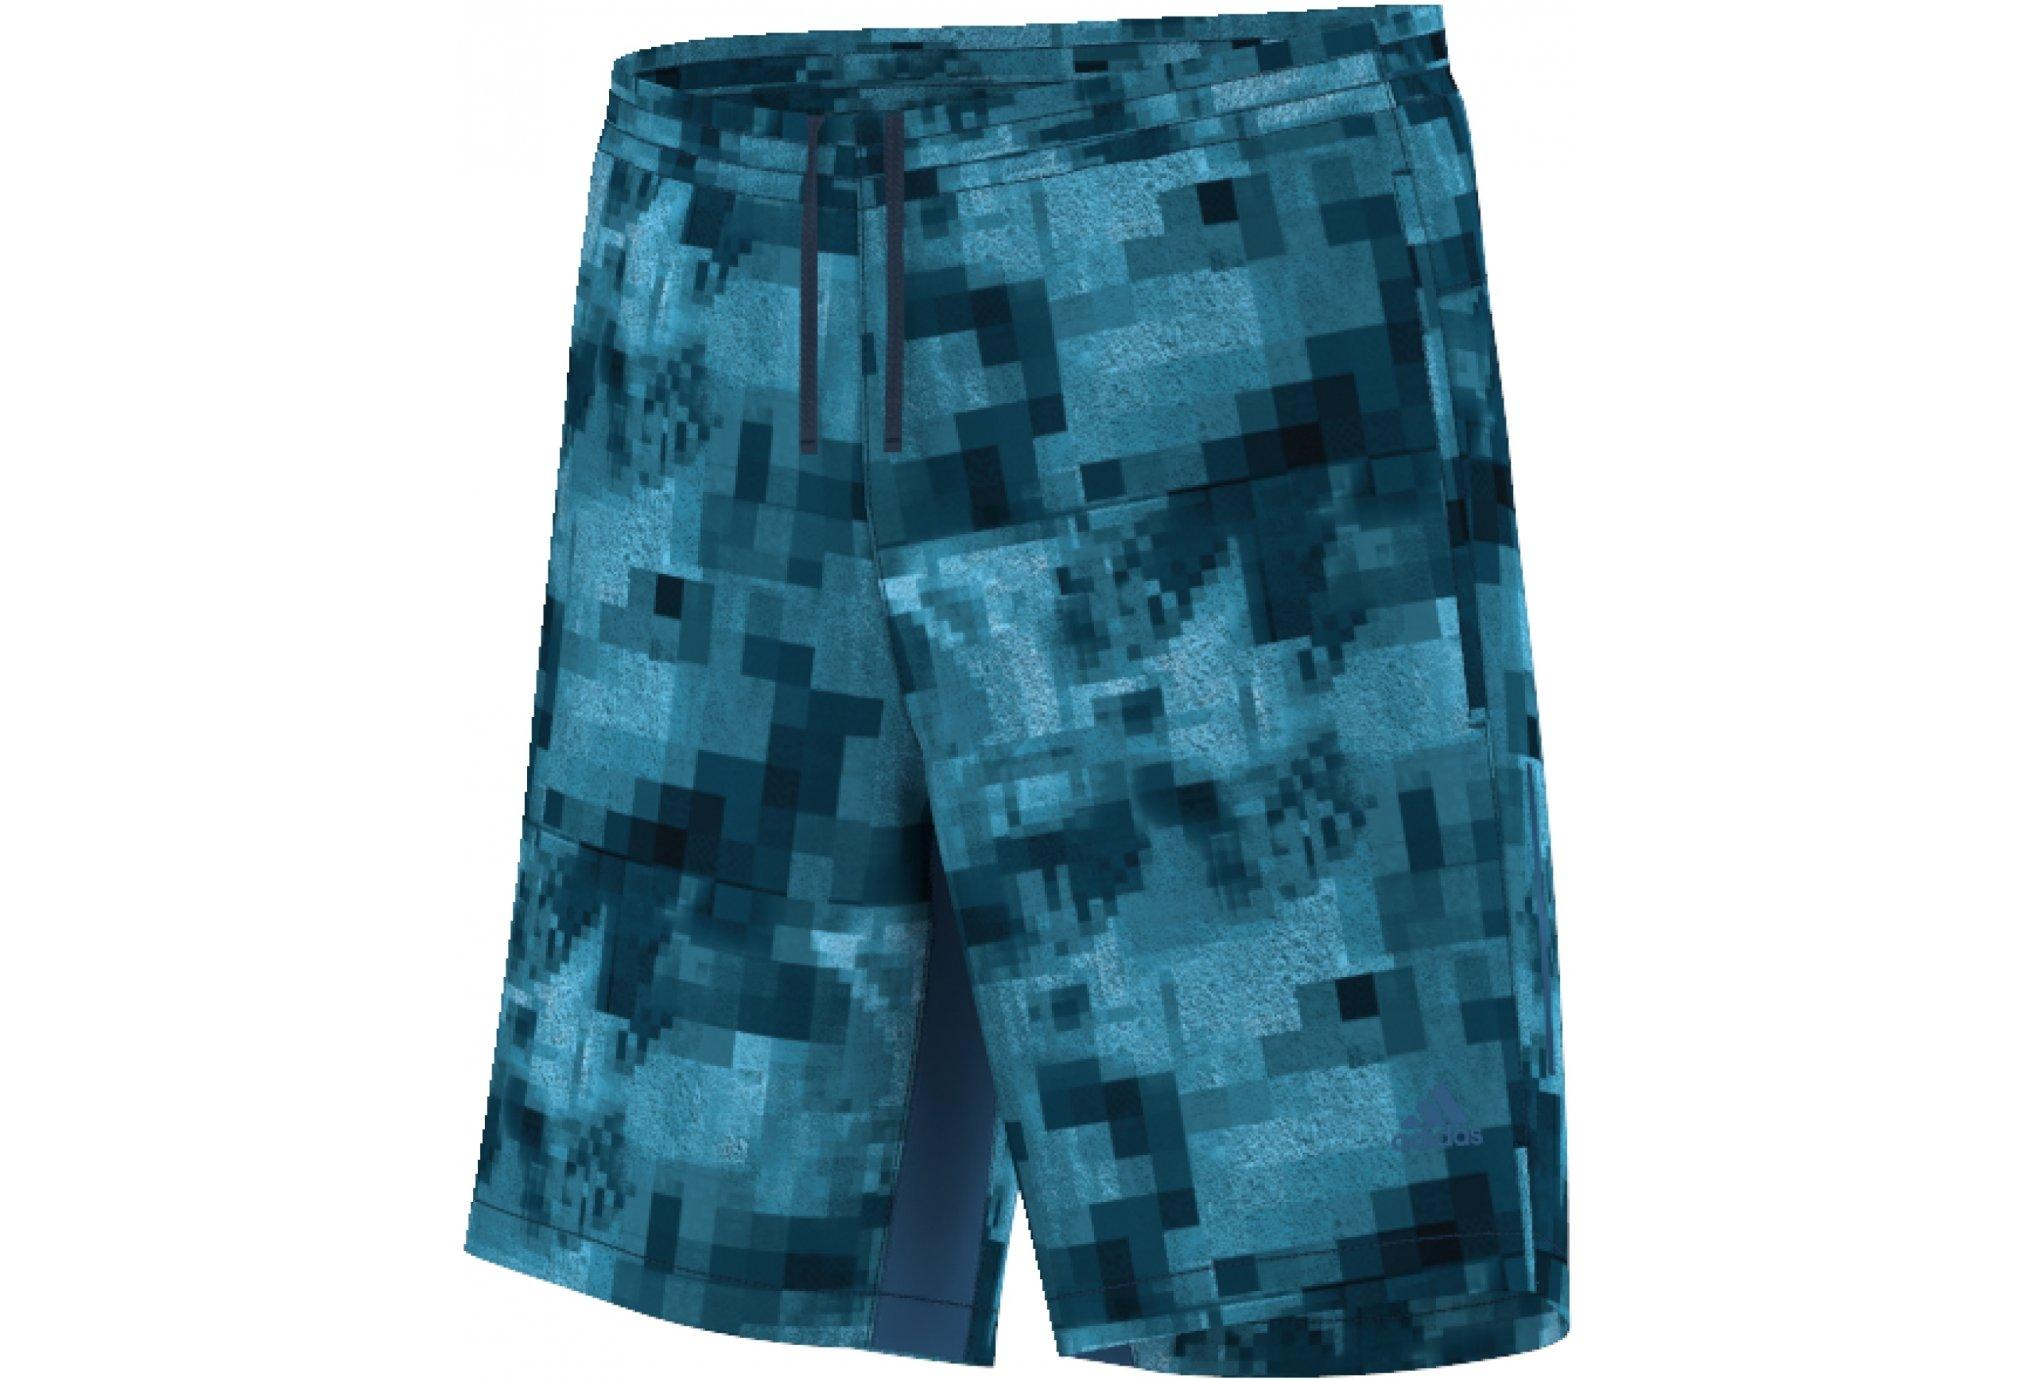 Adidas Short kanoi graphic 7inch m diététique vêtements homme